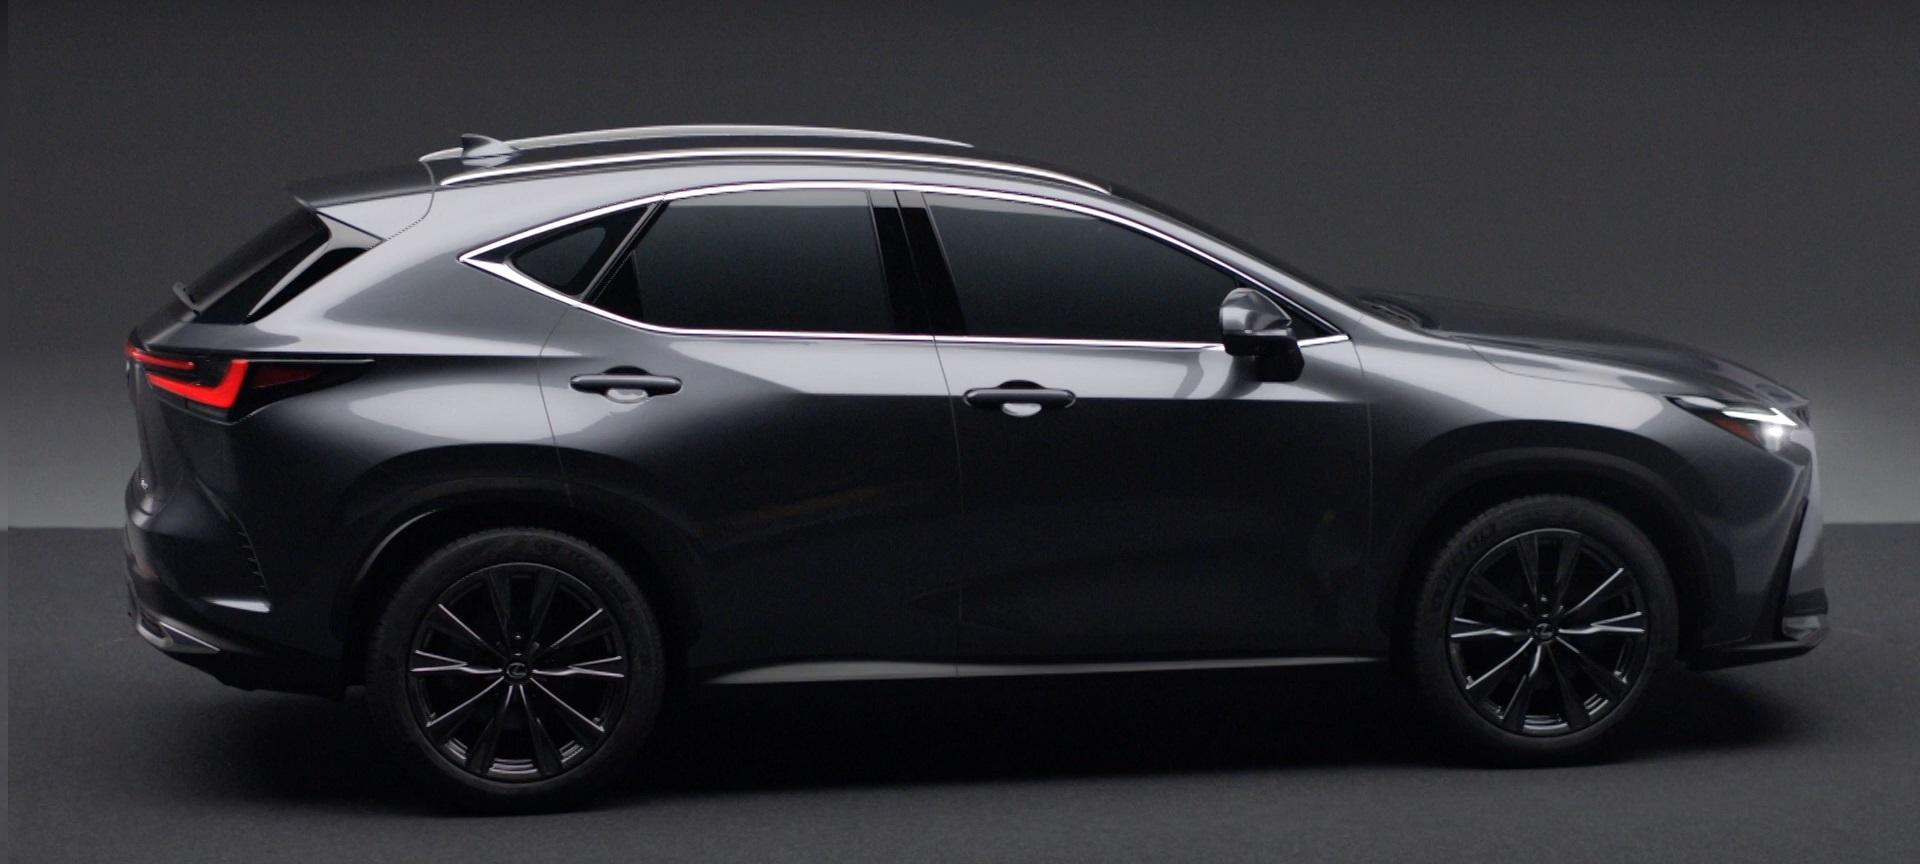 Lexus NX 2021 dự kiến bán ra thị trường vào mùa hè năm nay.